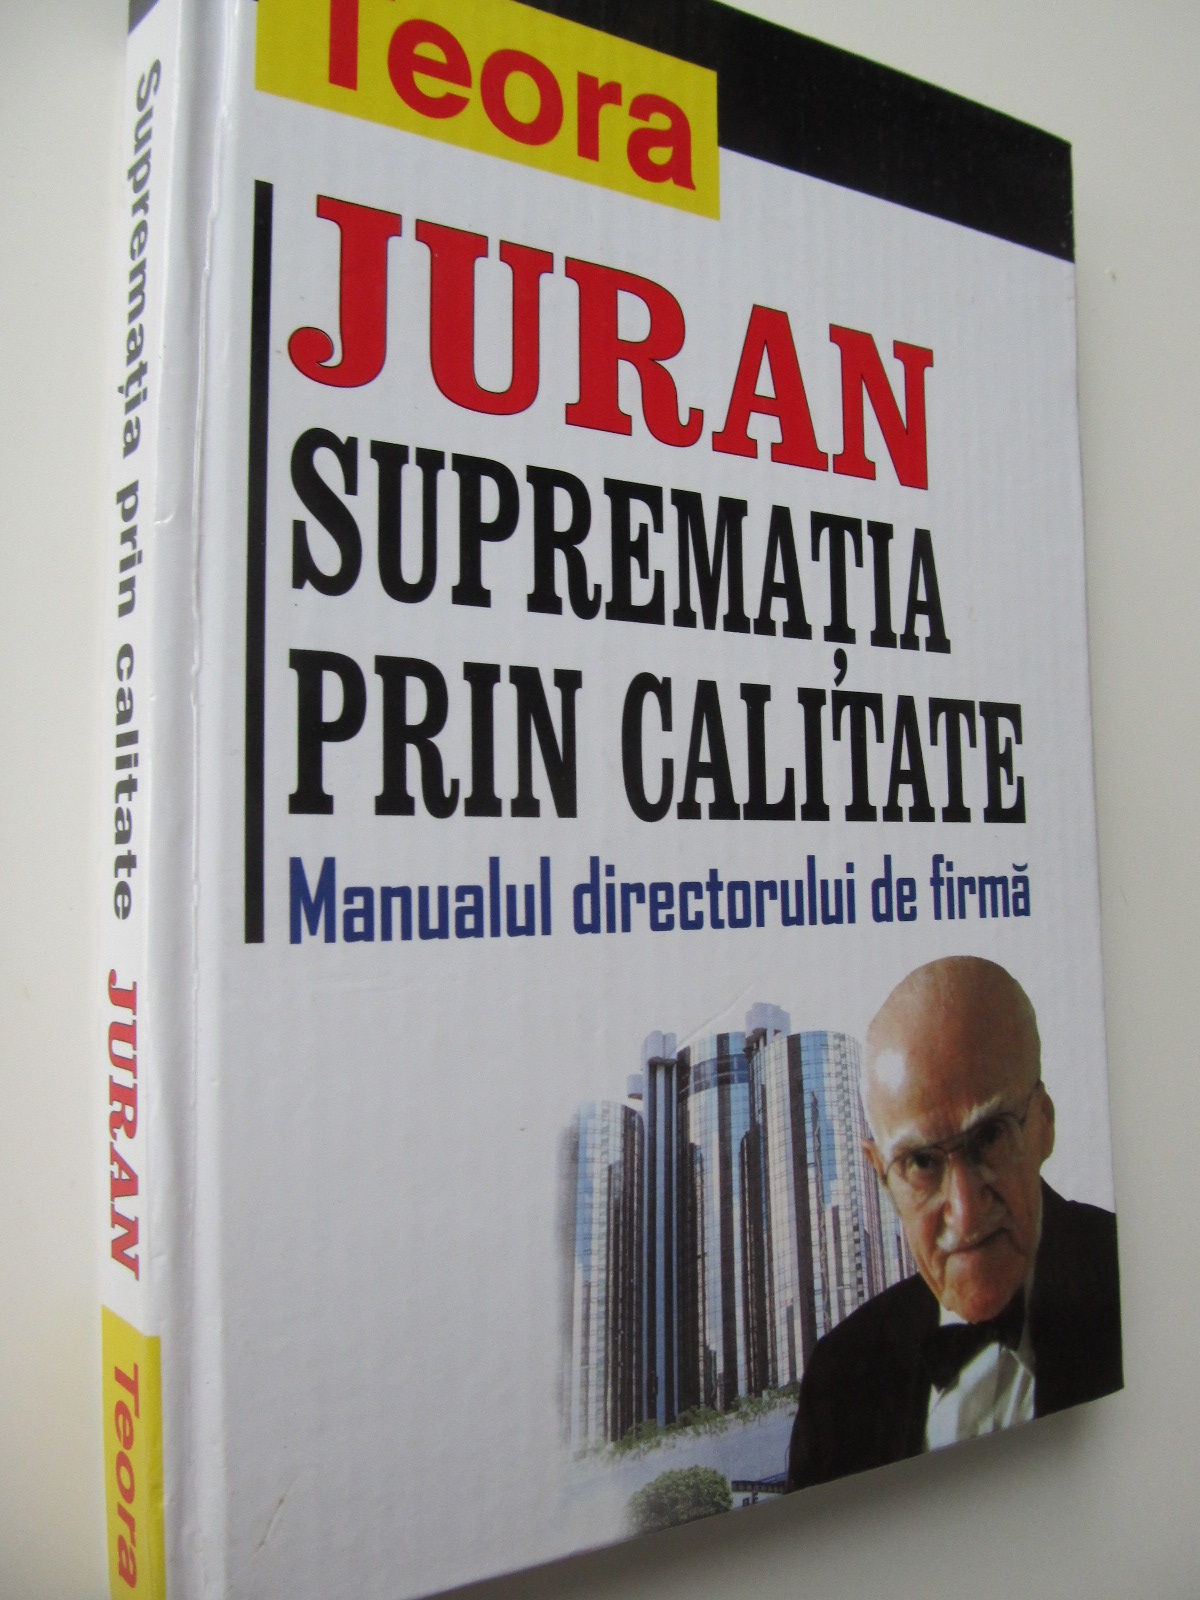 Suprematia prin calitate Manualul directorului de firma - Juran | Detalii carte